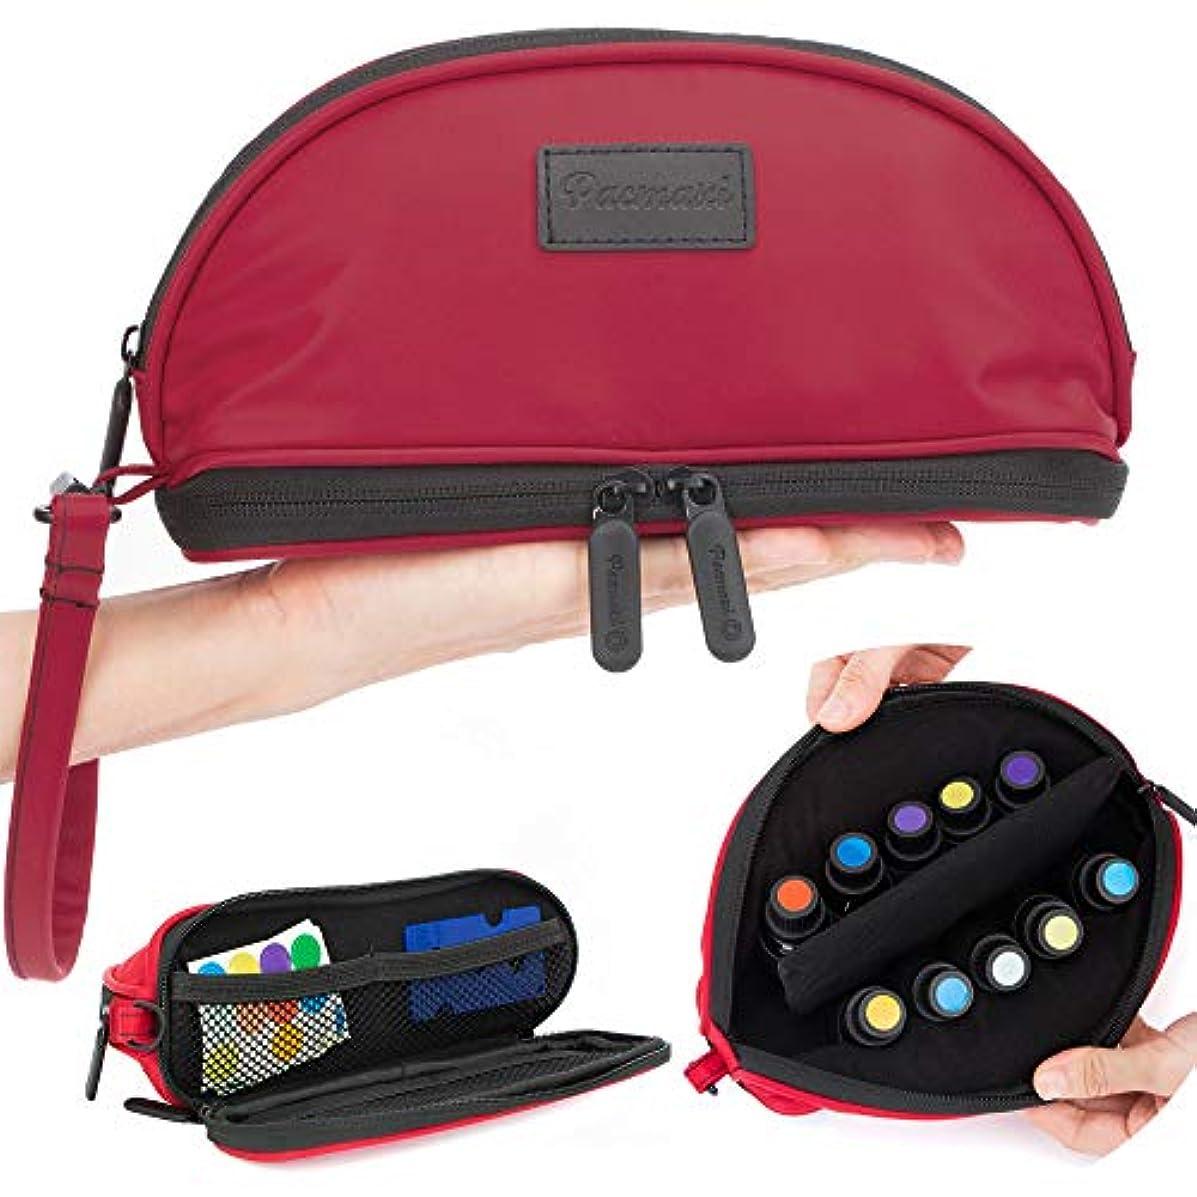 テスピアン朝の体操をする消費する[Pacmaxi]エッセンシャルオイル 収納ポーチ 携帯便利 旅行 10本収納(5ml - 15ml) ナイロン製 撥水加工 ストラップあり (レッド)